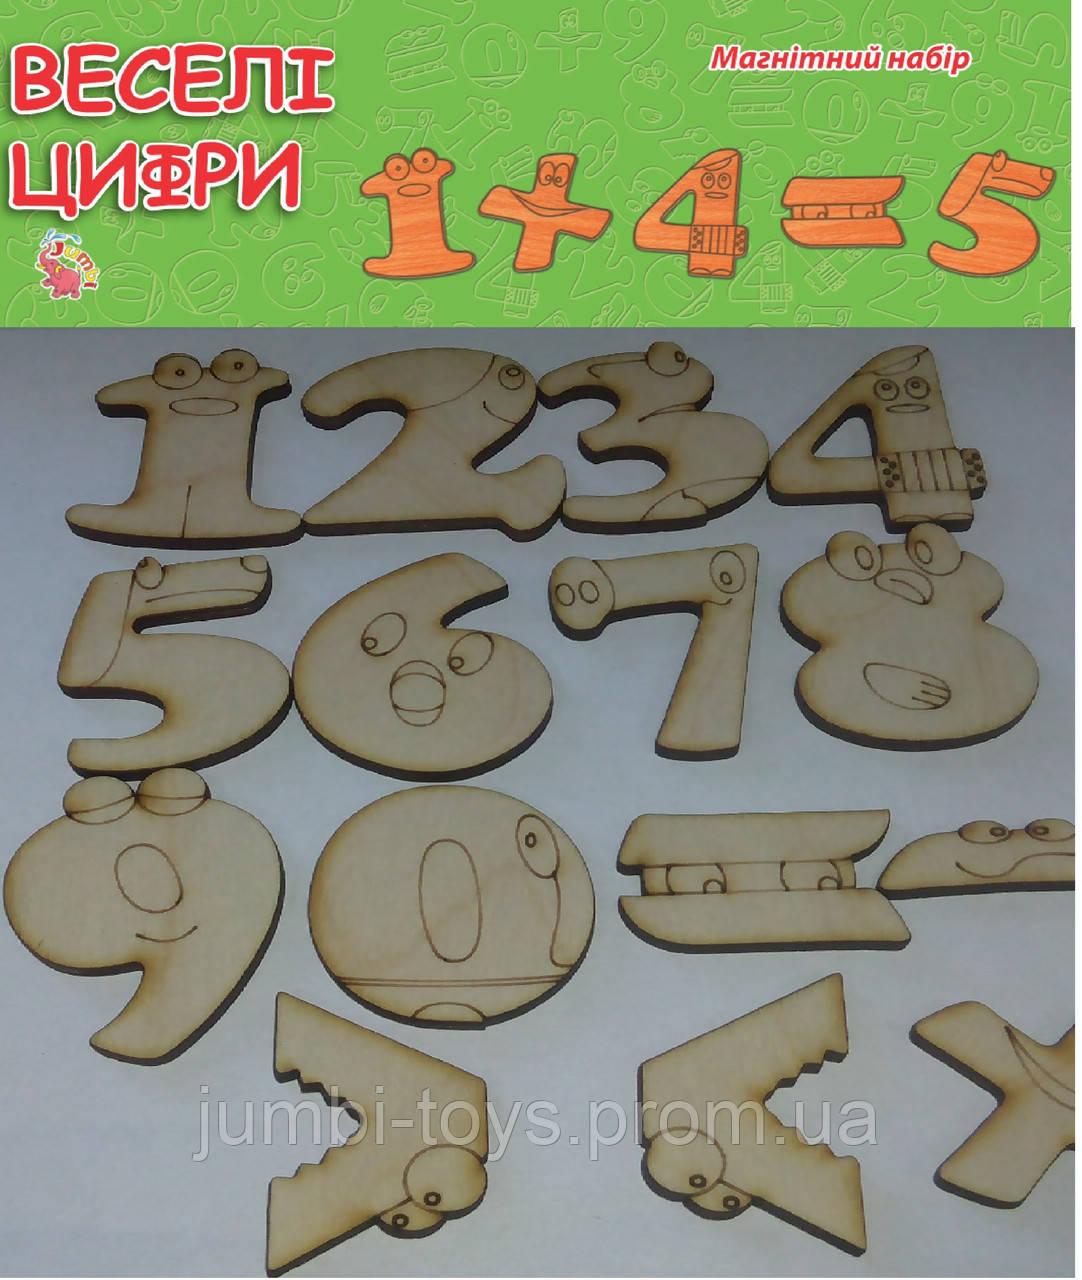 Дерев'яна іграшка: Веселі цифри на магнітах (у)